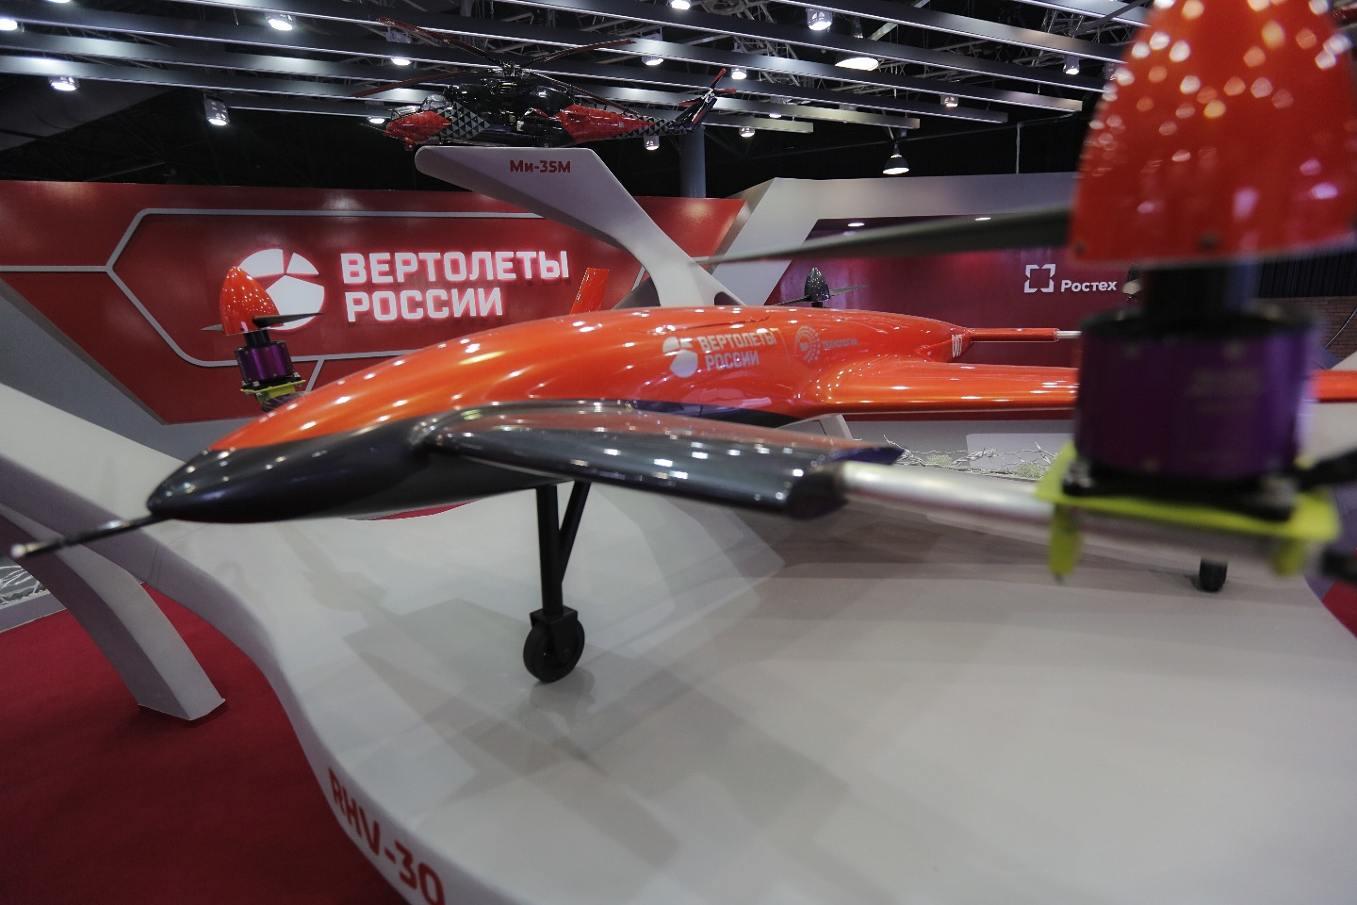 Un démonstrateur russe de convertible électrique pour 2019